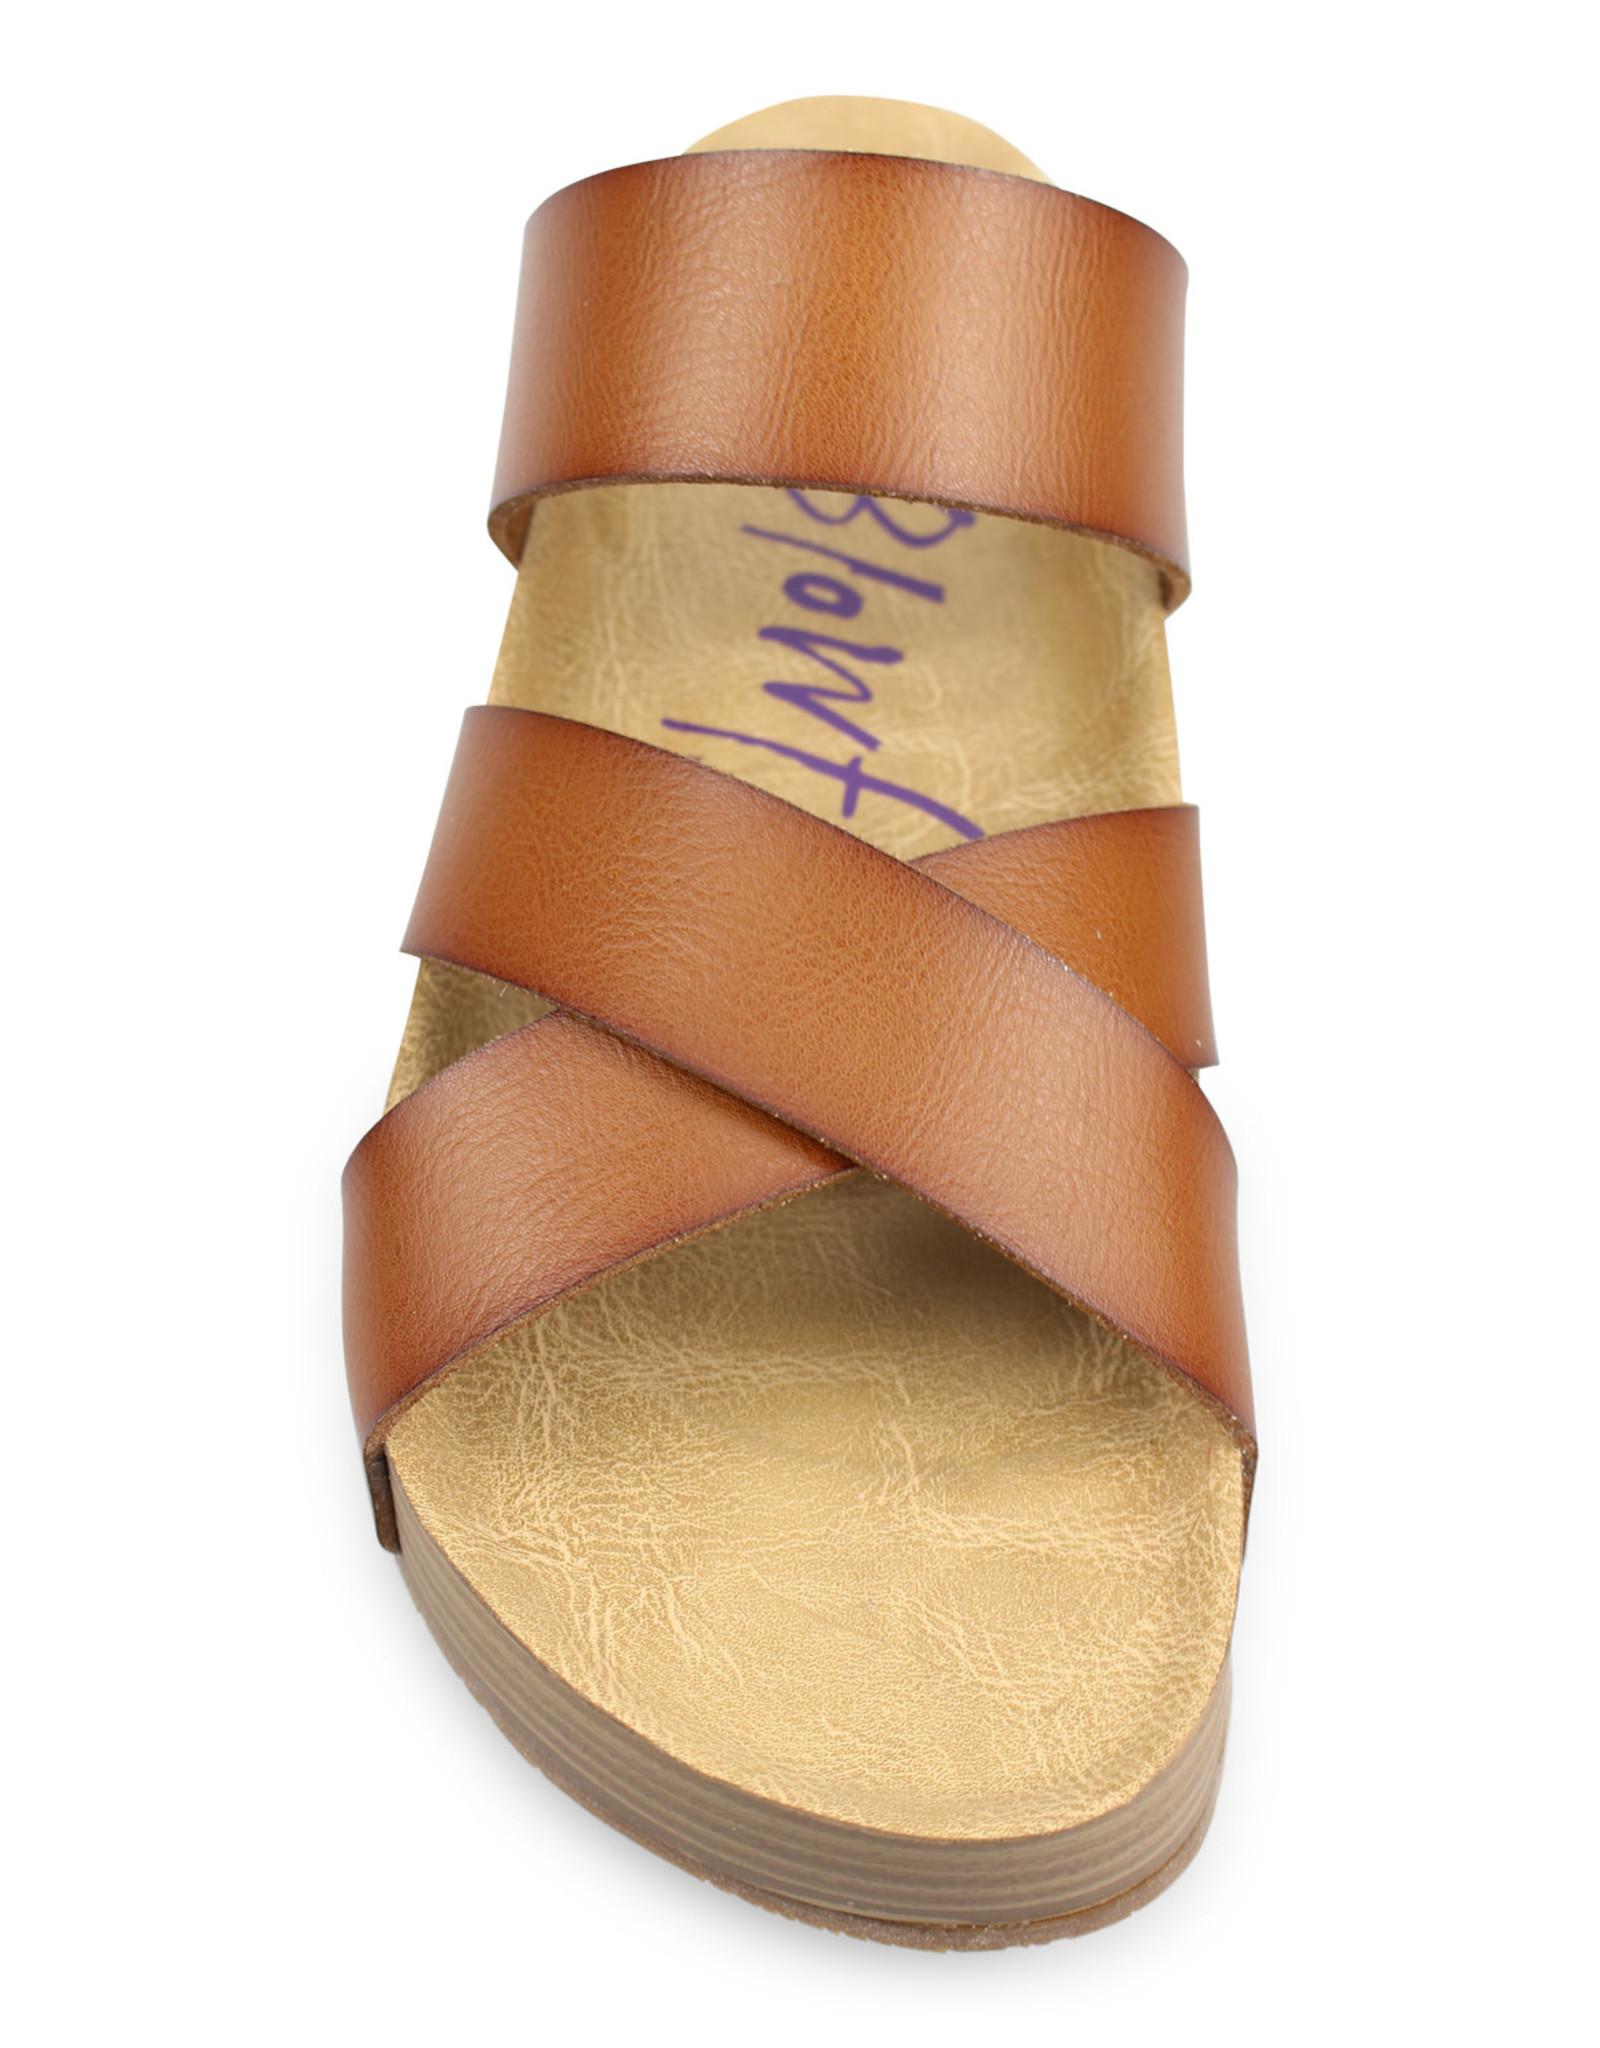 Blowfish Miri Sandal